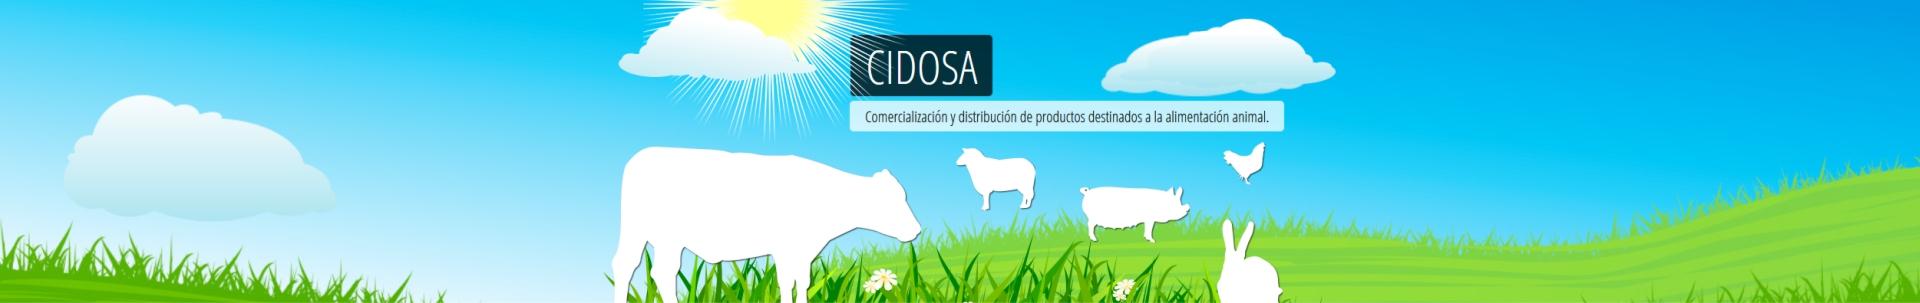 Comercialización y distribución de productos destinados a la alimentación animal.